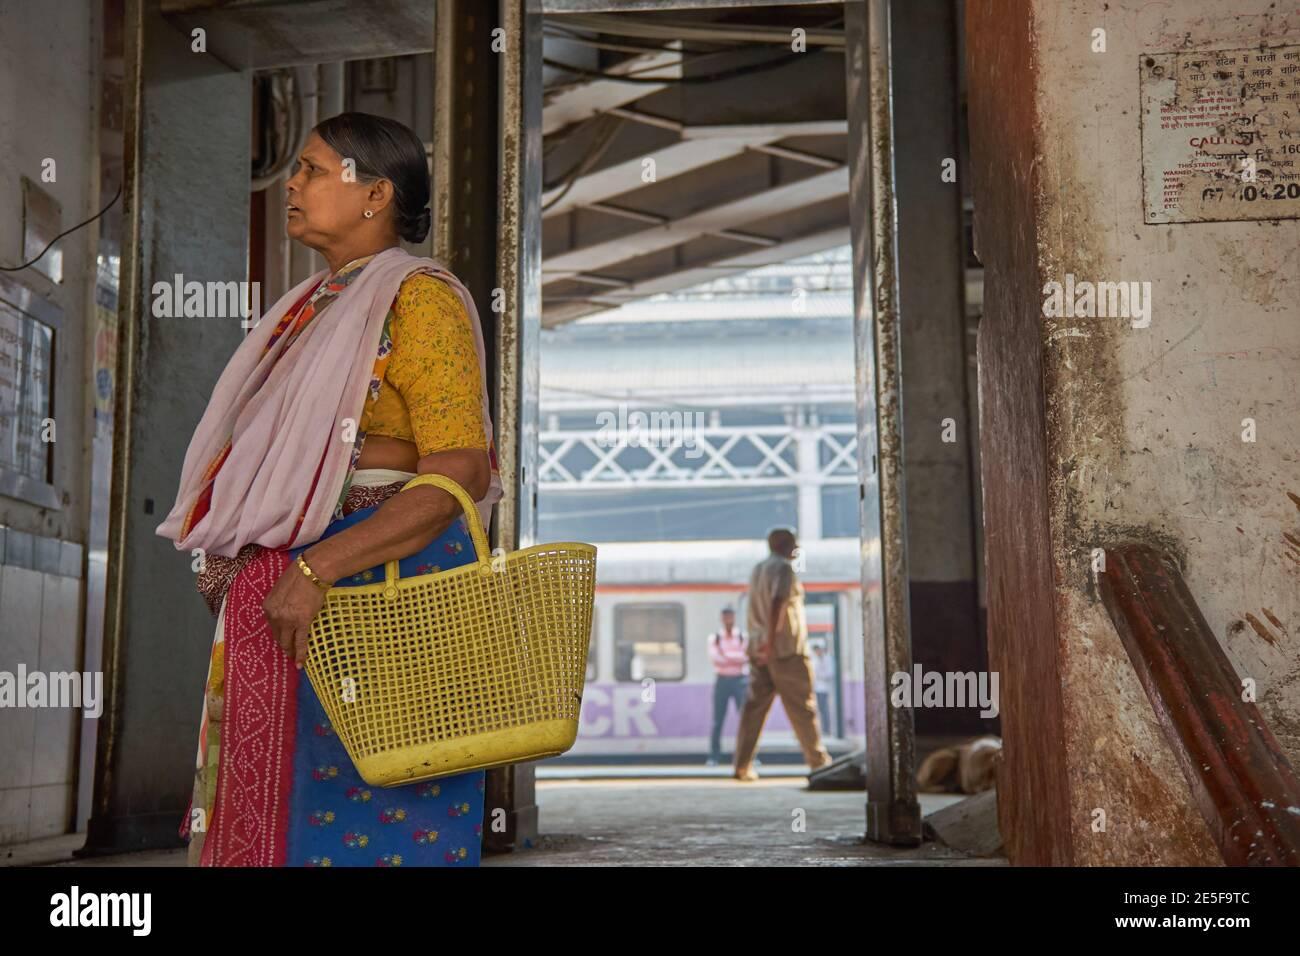 Après avoir débarqué d'un train de banlieue, une femme au foyer de Mumbai quitte Chhatrapati Shivaji Maharaj Terminus à Mumbai, la gare la plus fréquentée de la ville Banque D'Images